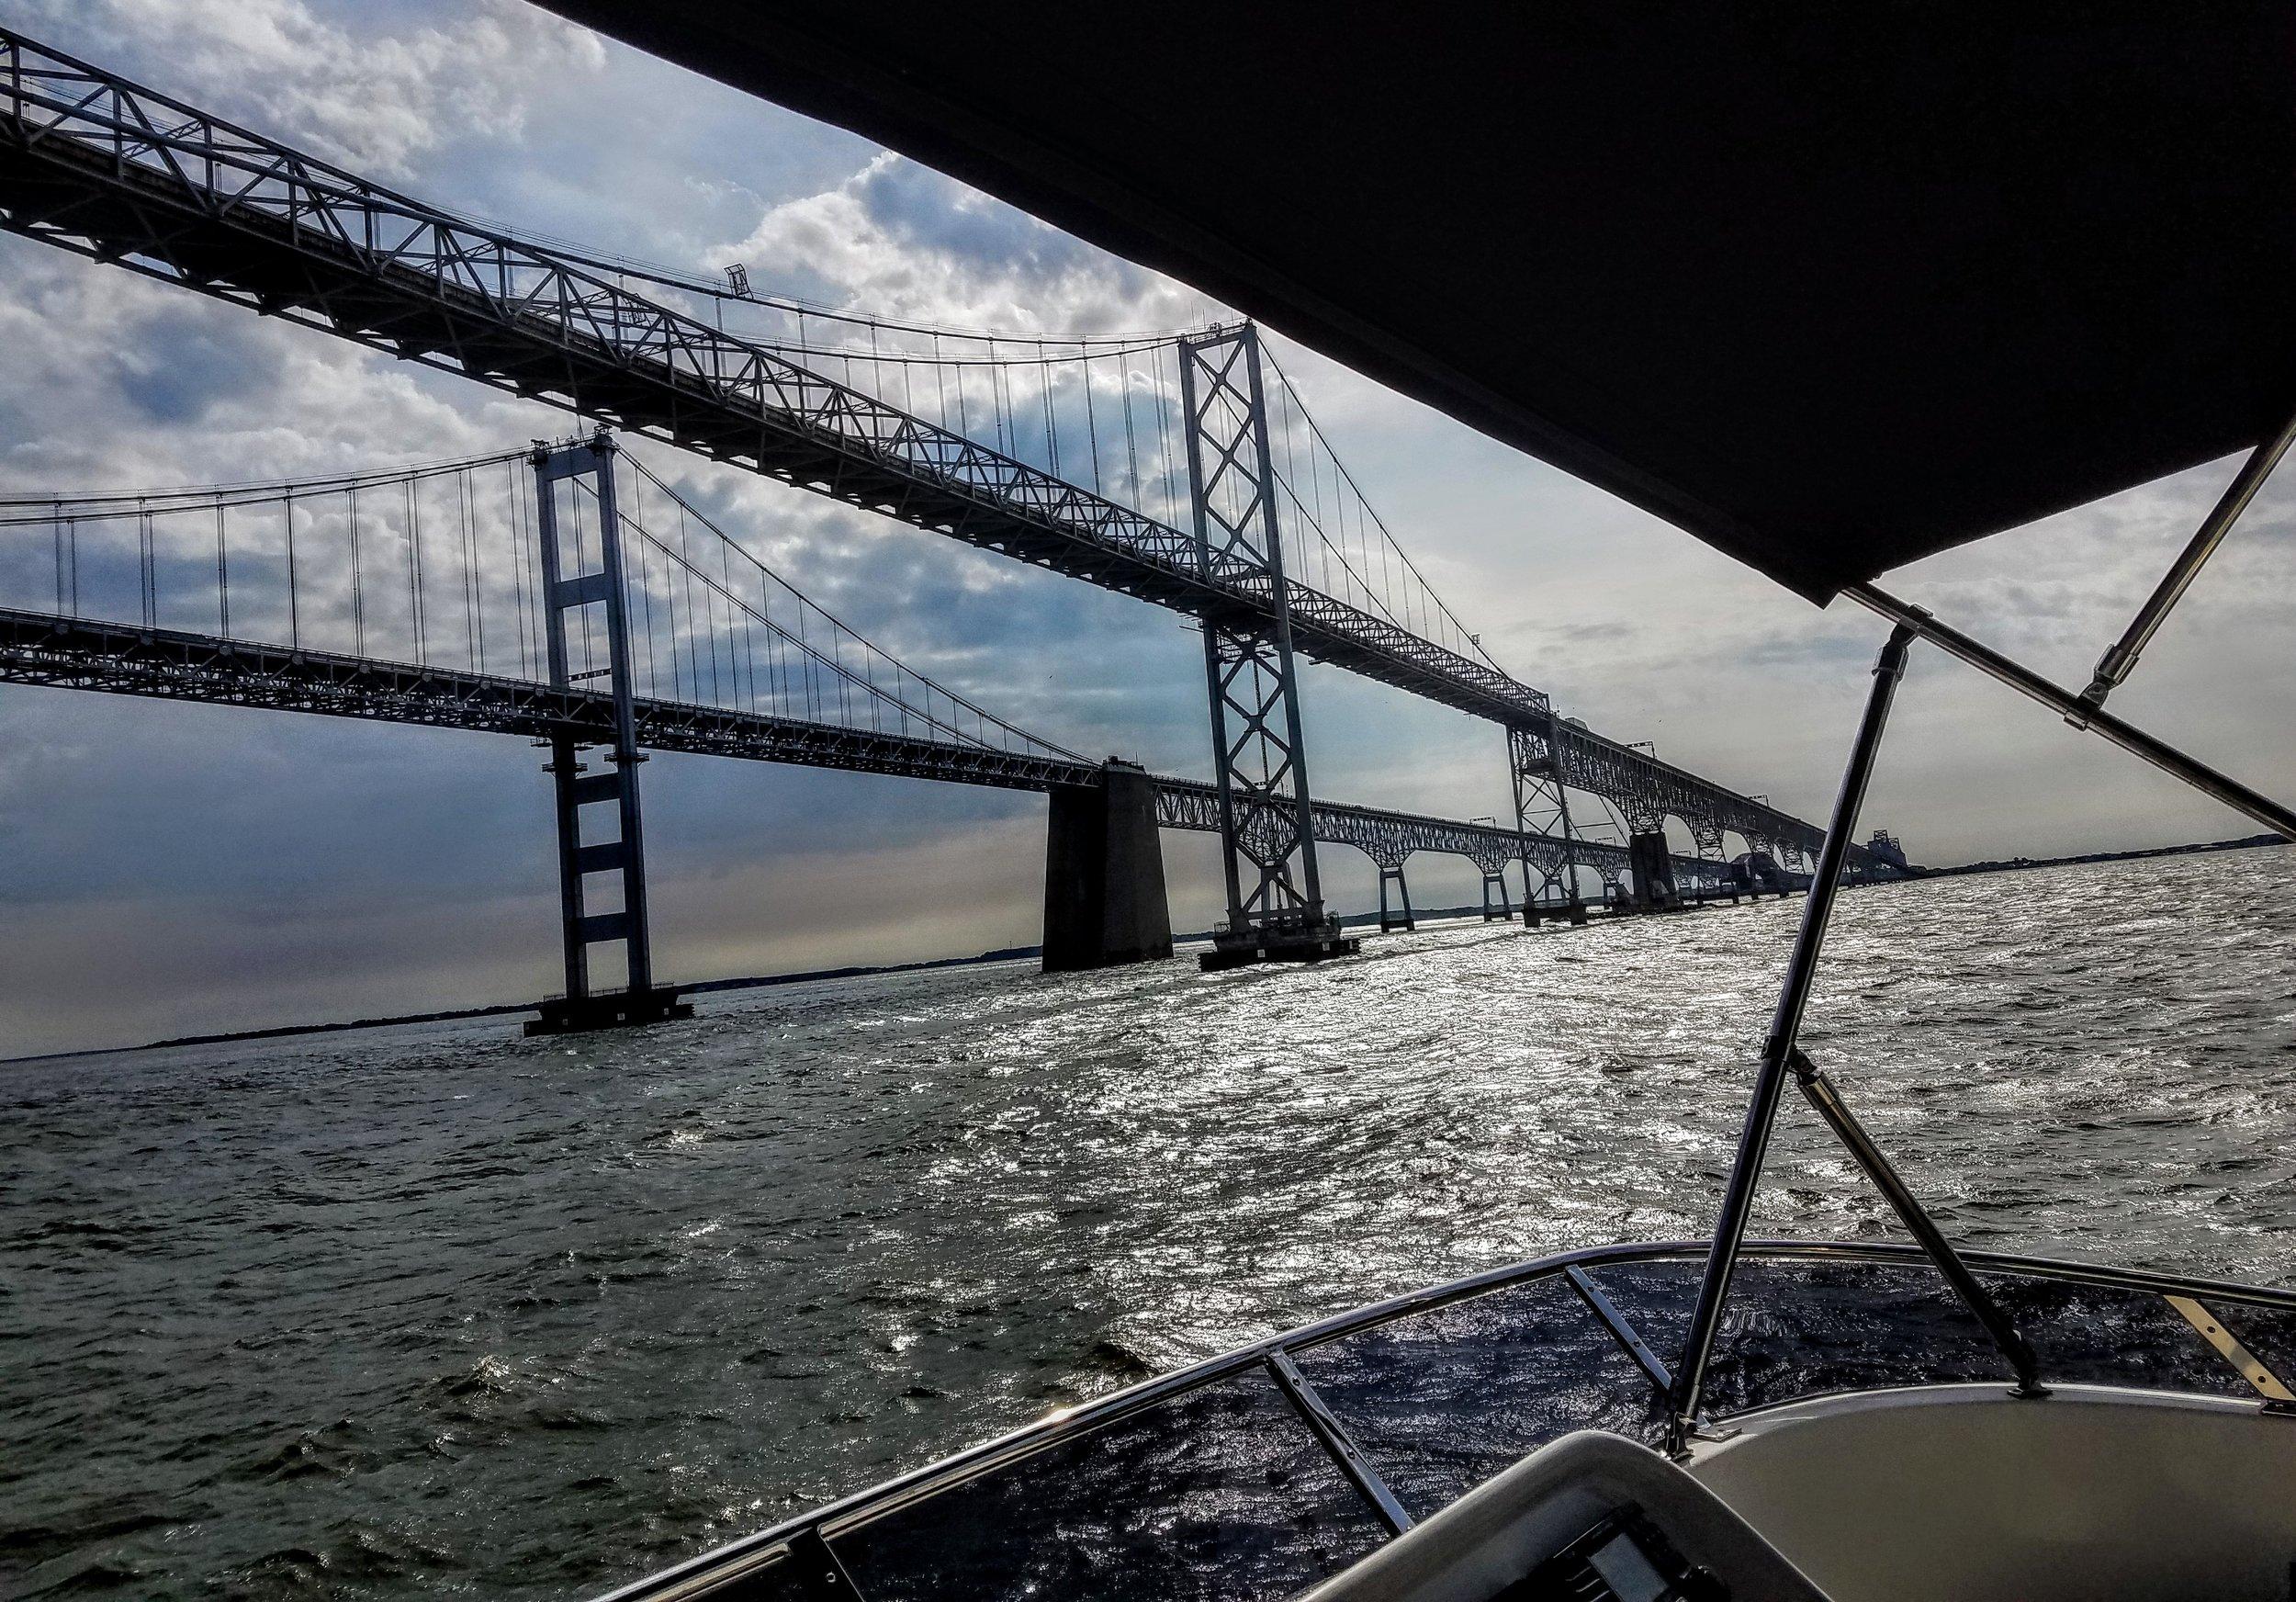 Leaving Annapolis, MD. The William P. Lane Memorial Bridge. Heading to Baltimore, MD